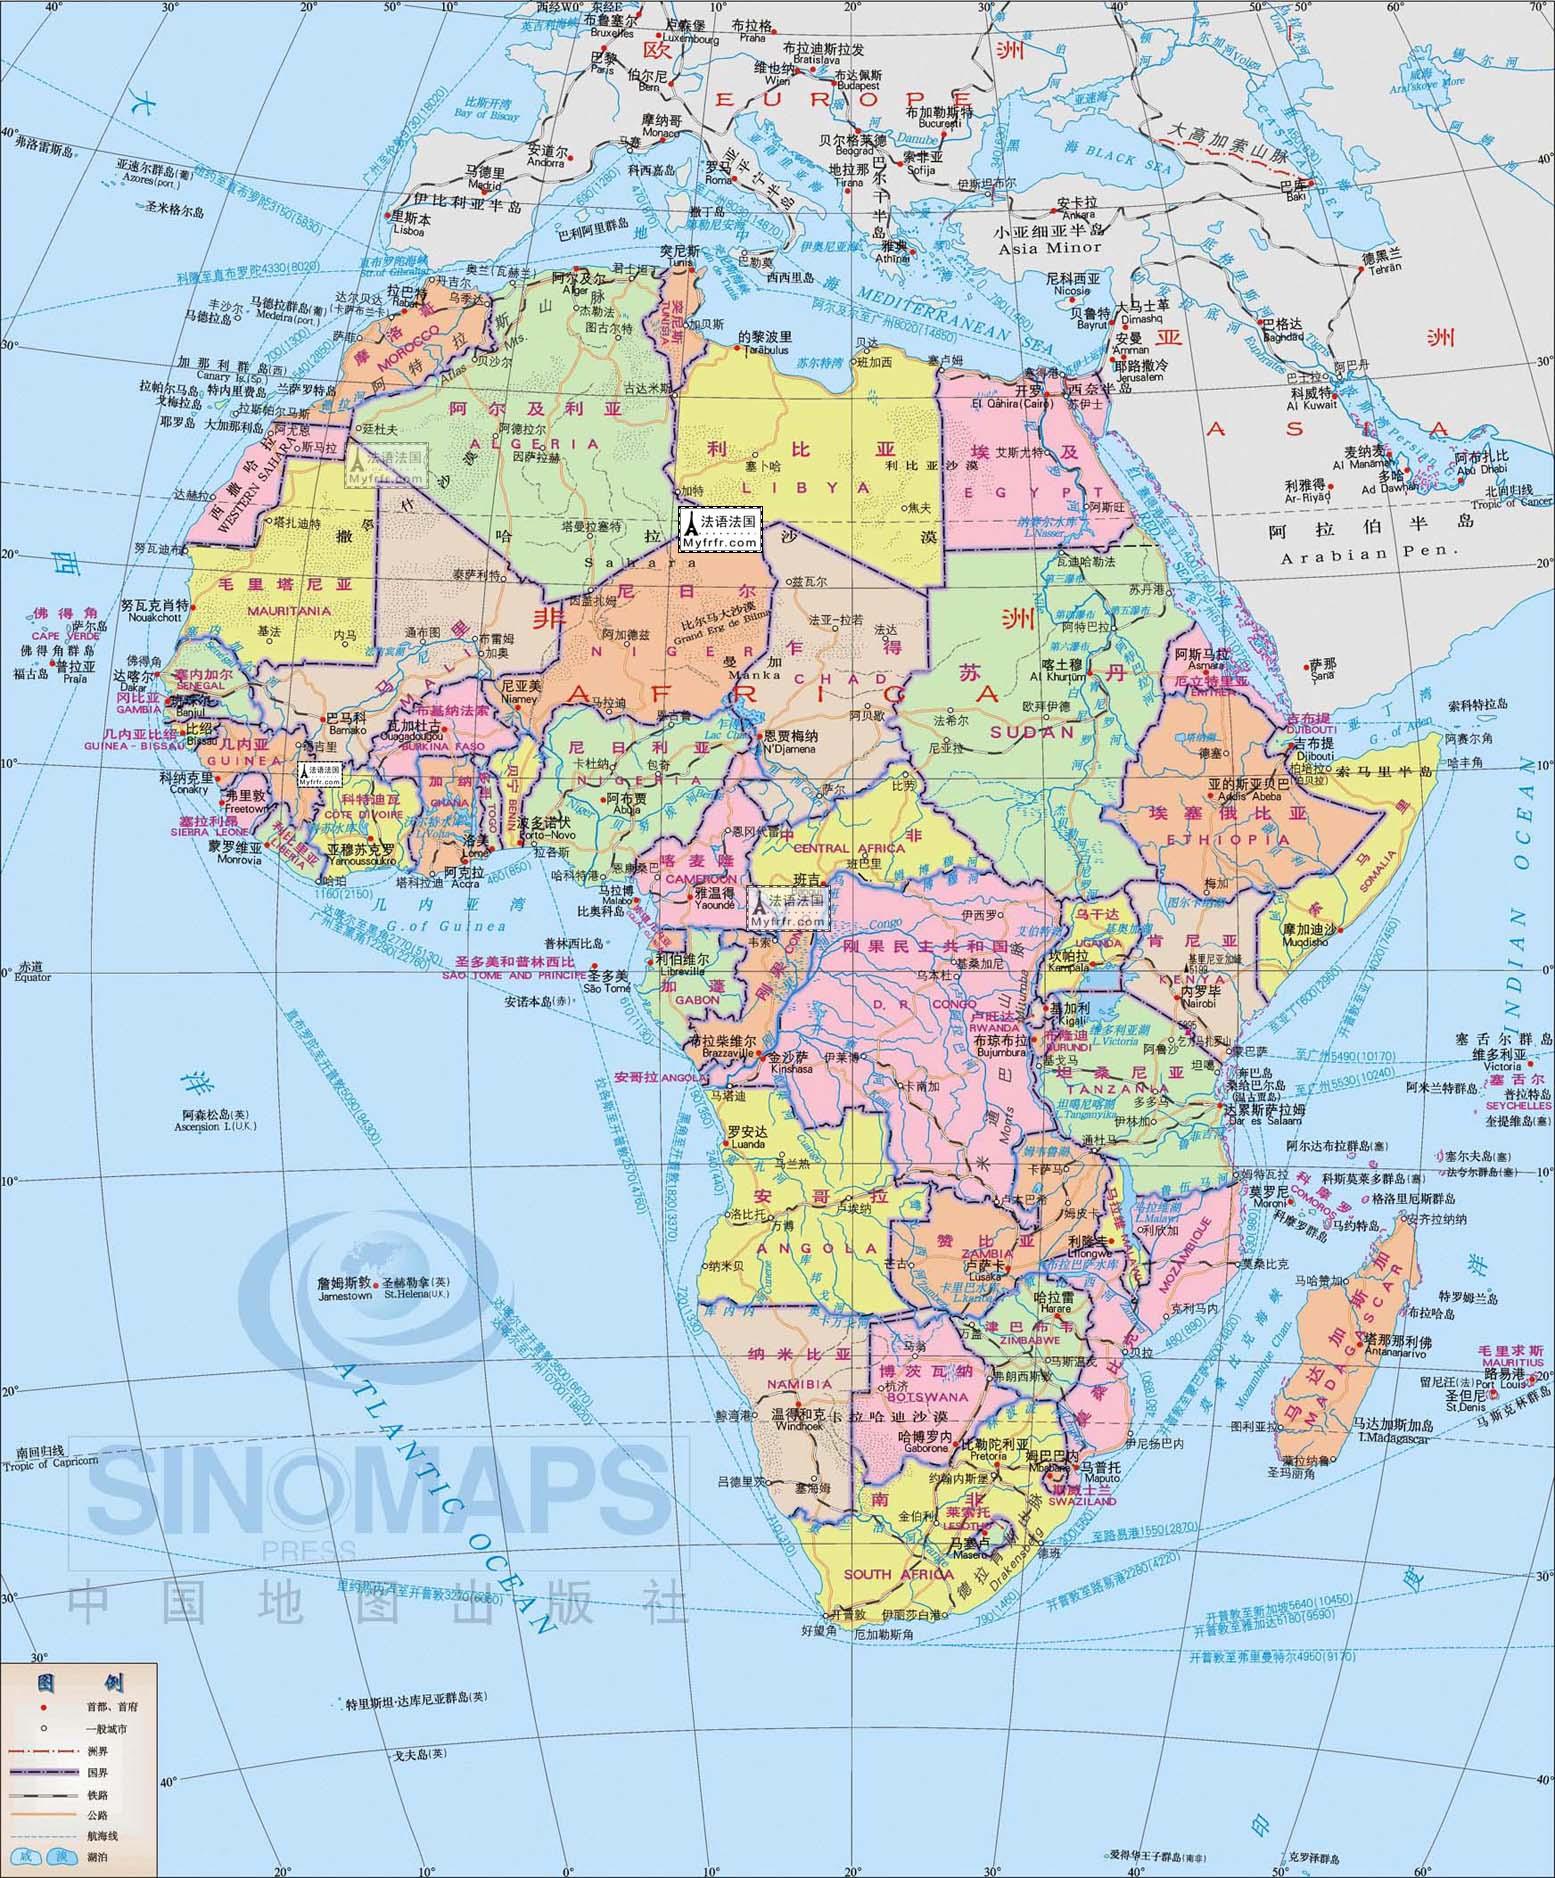 世界地图素材蓝底金色